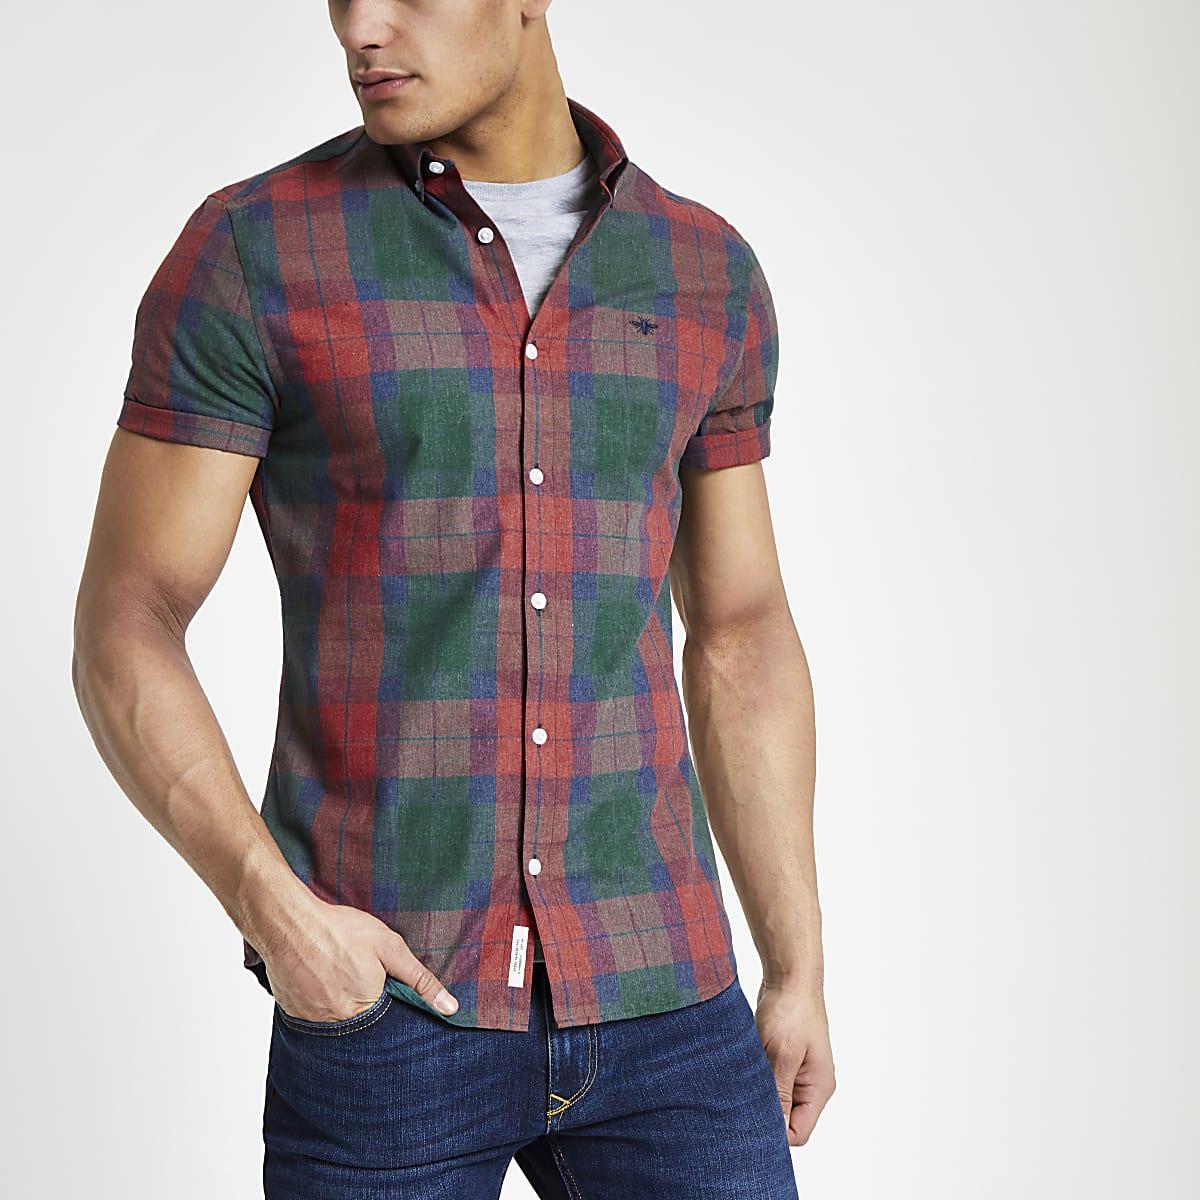 Slim Fit Overhemd.Rood Geruit Slim Fit Overhemd Met Korte Mouwen Overhemden Met